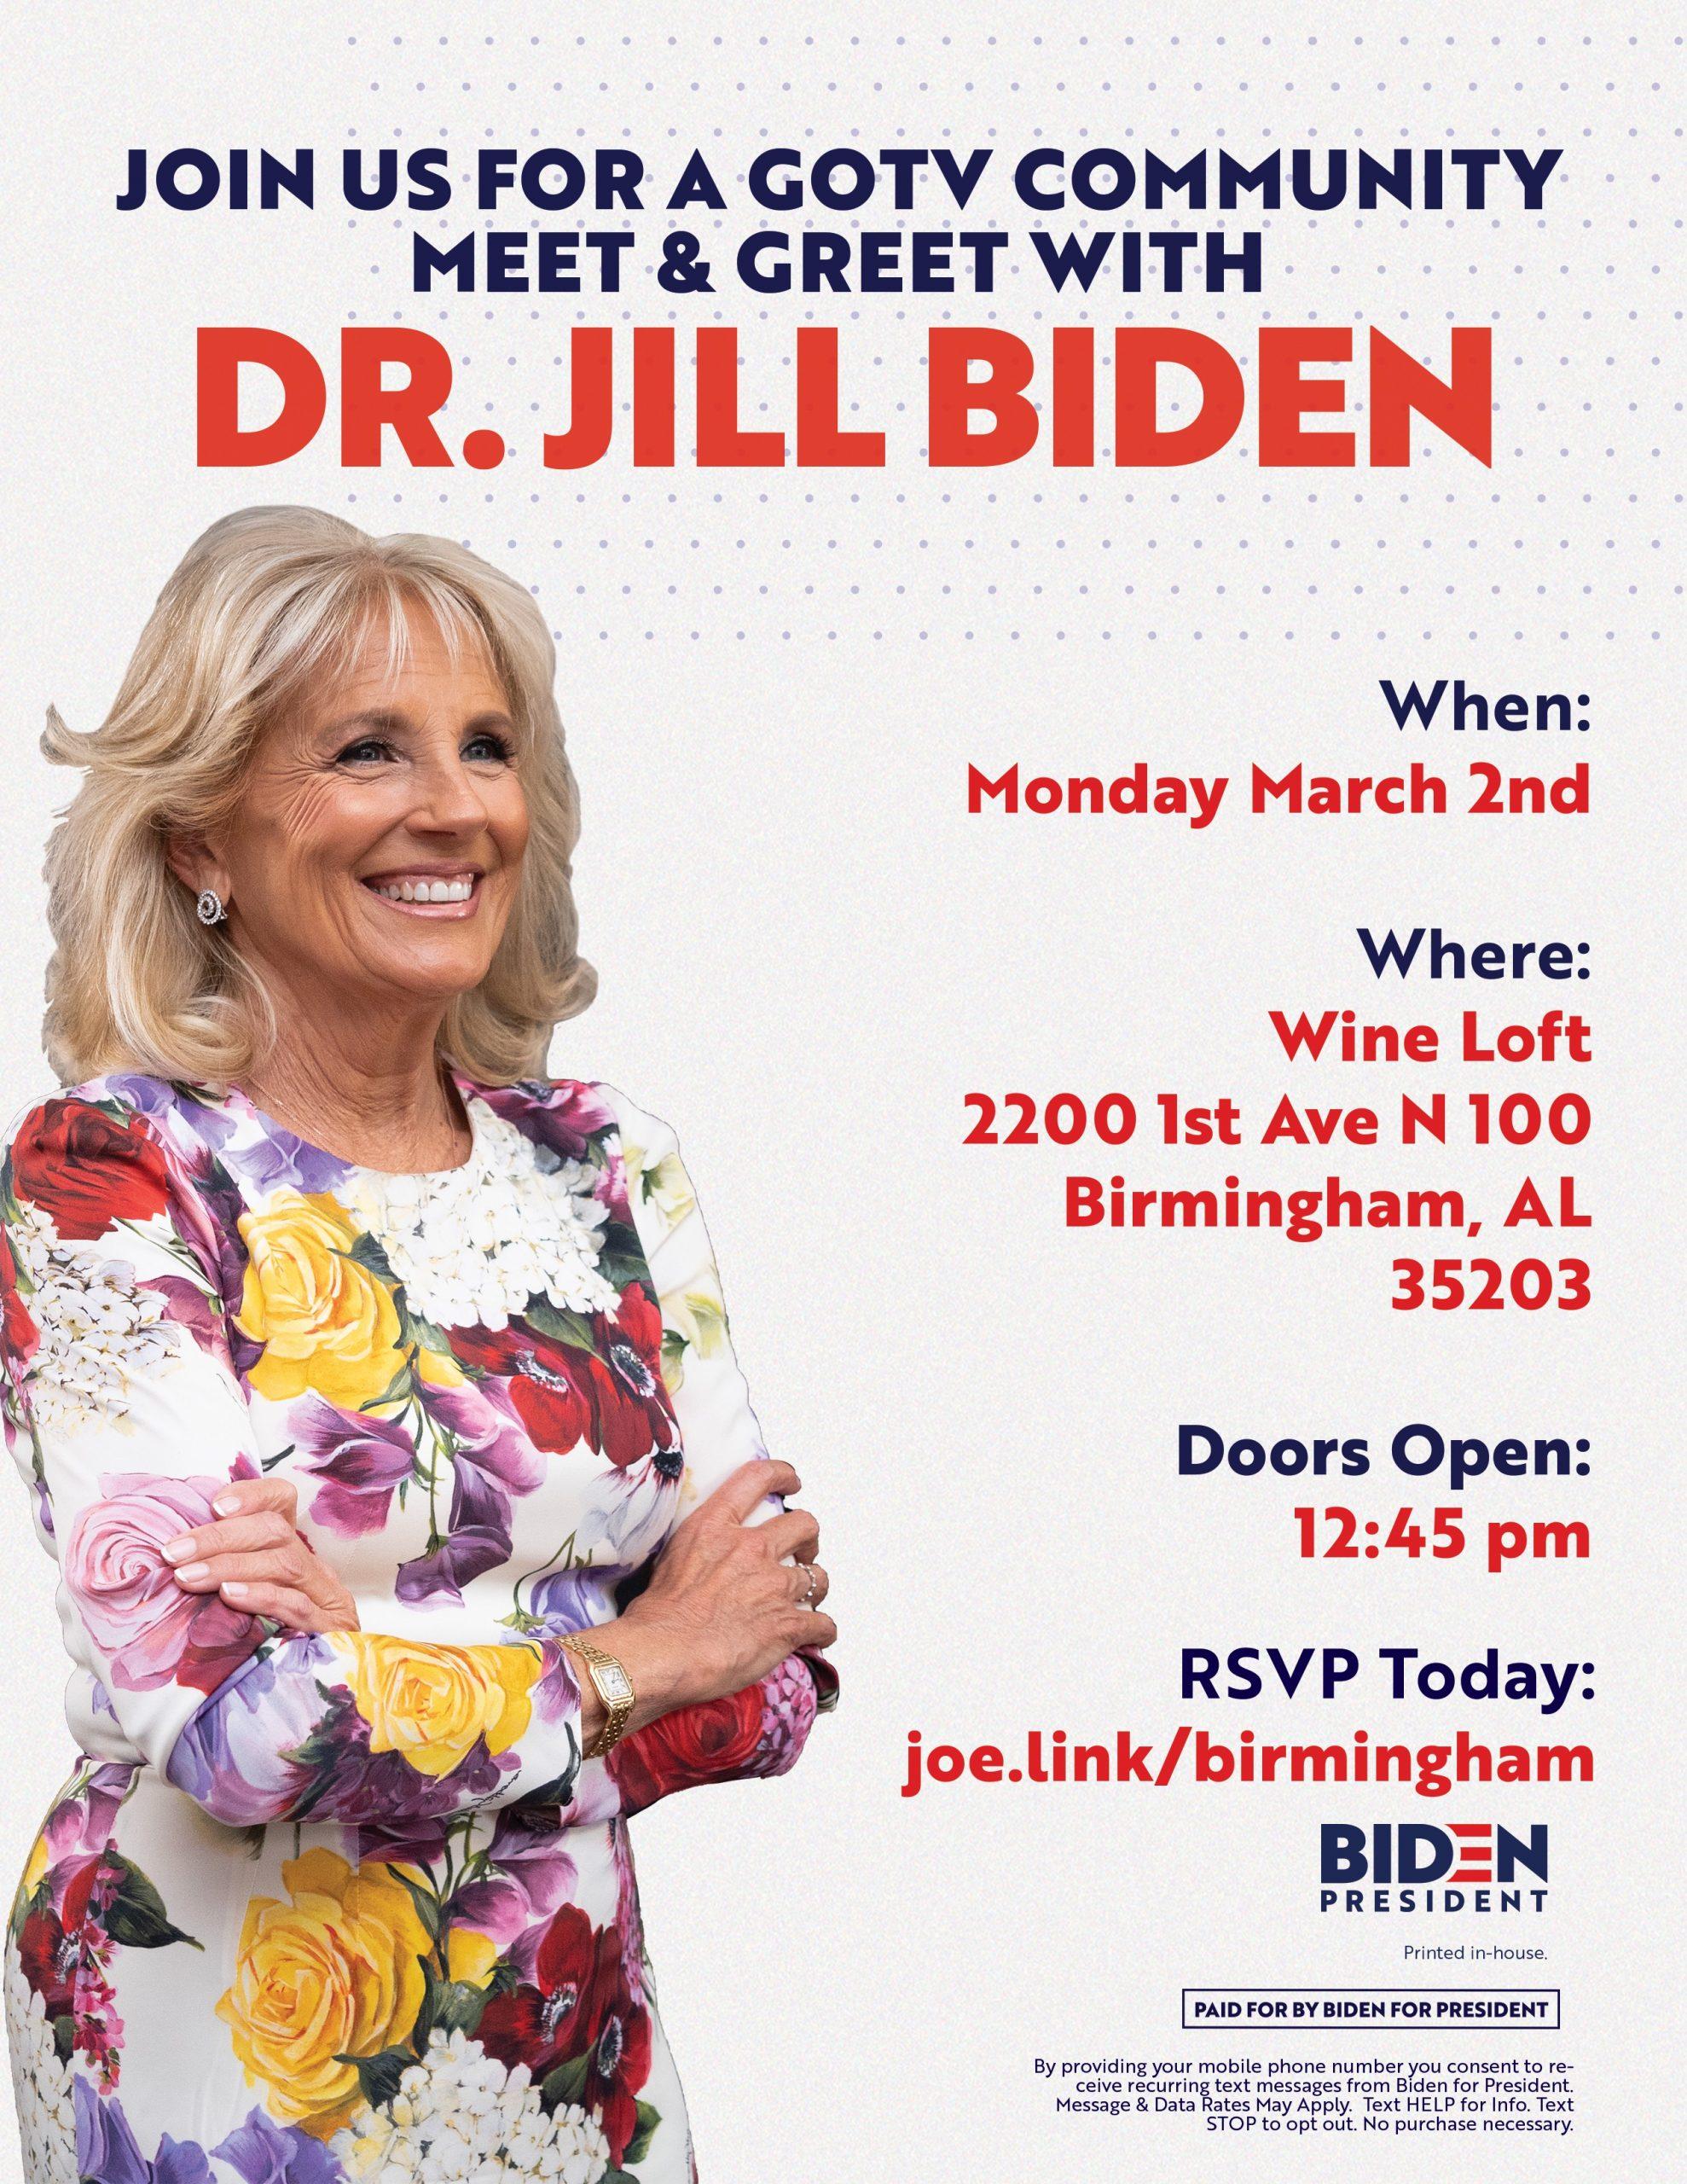 Dr. Jill Biden Meet & Greet